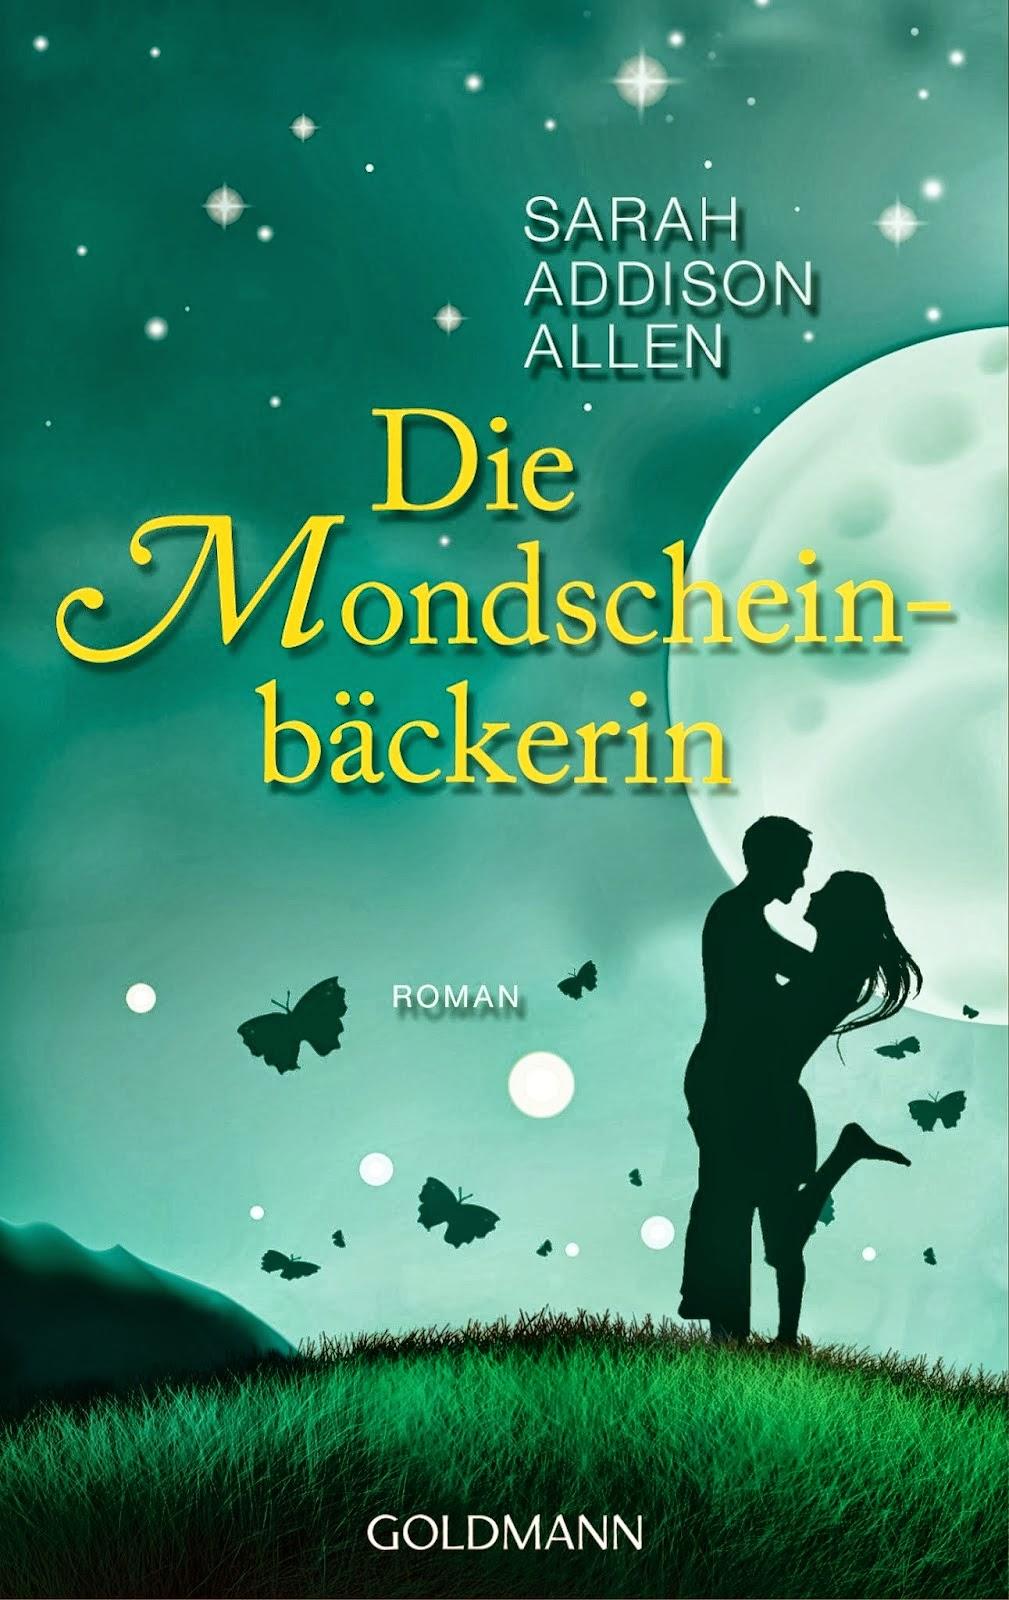 http://www.randomhouse.de/Taschenbuch/Die-Mondscheinbaeckerin-Roman/Sarah-Addison-Allen/e362181.rhd